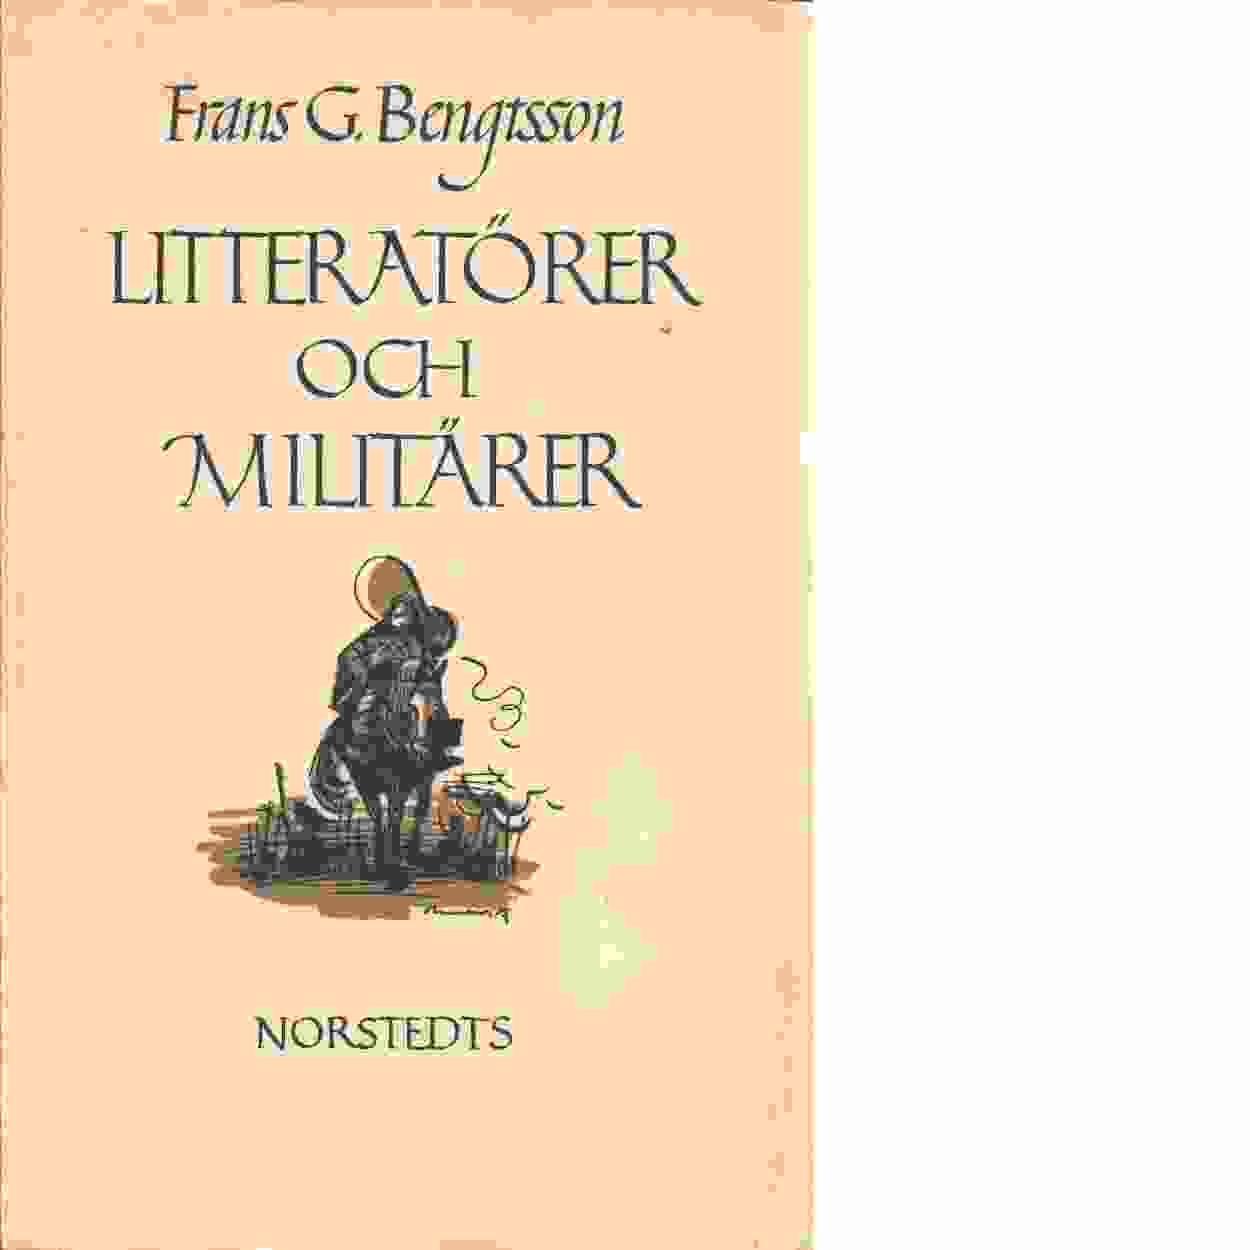 Litteratörer och militärer - Bengtsson, Frans G.